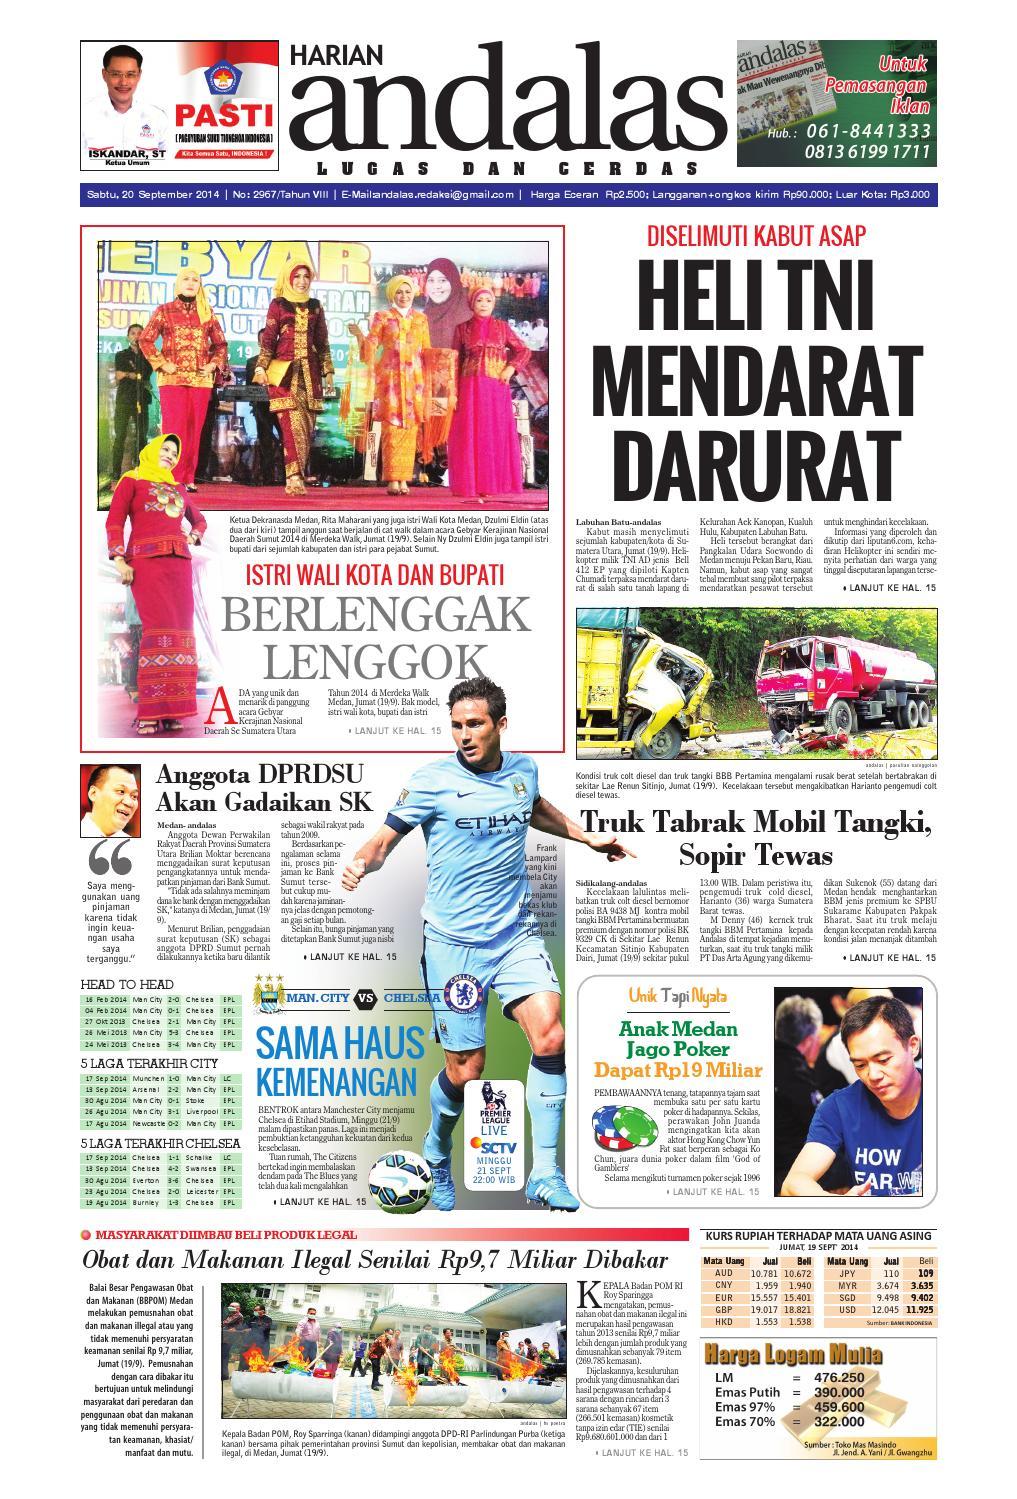 Epaper Andalas Edisi Sabtu 20 September 2014 By Media Issuu Fcenter Lemari Pakaian Wd Hk 1802 Sh Jawa Tengah